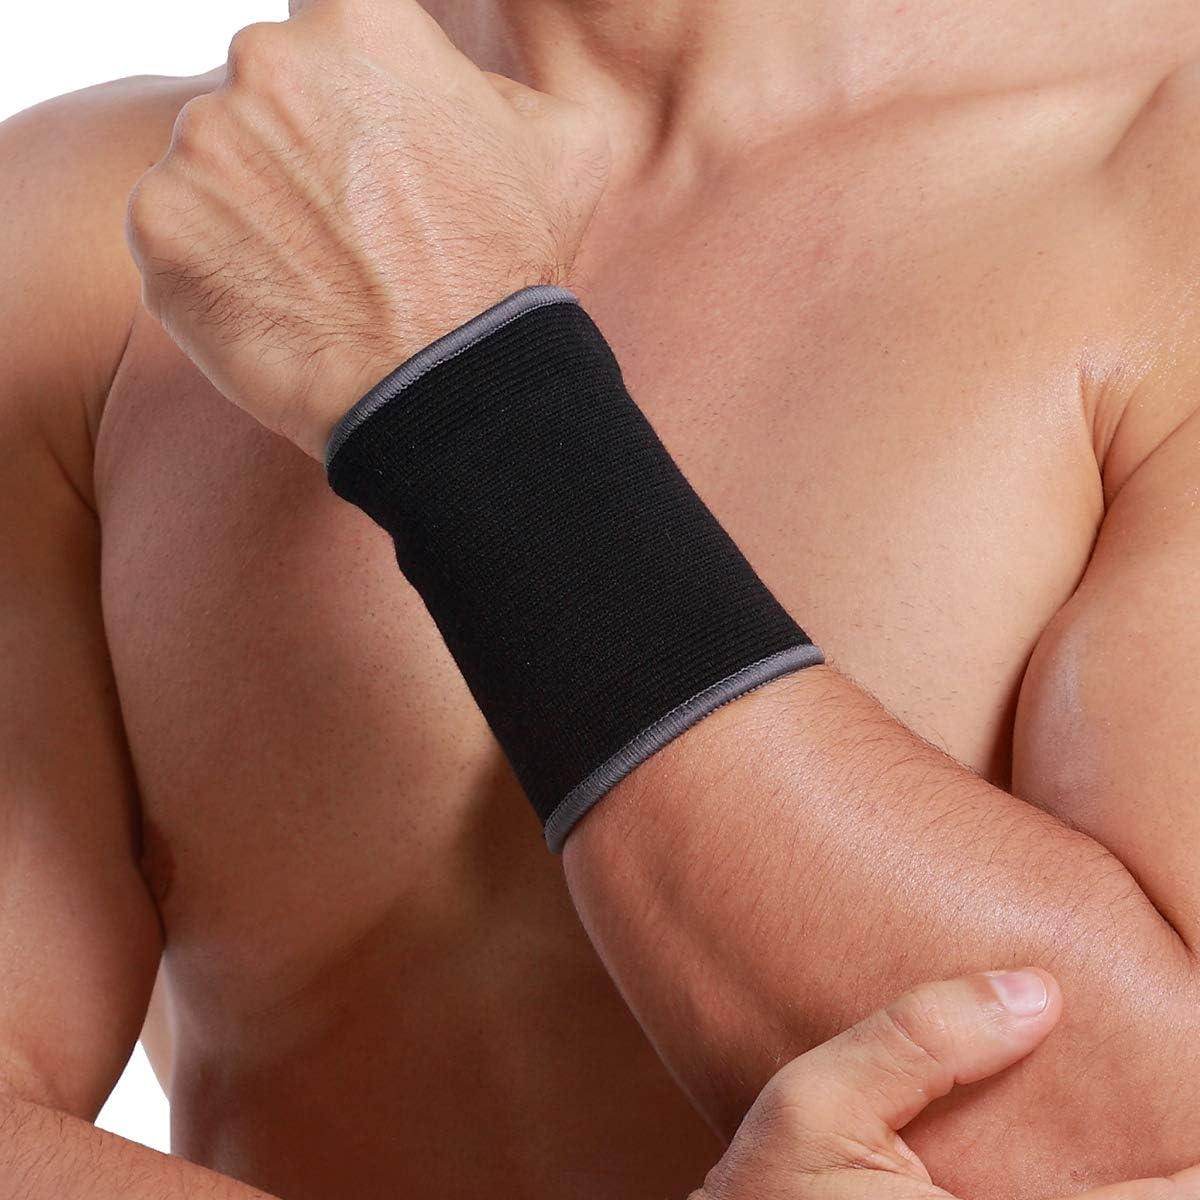 Muñequera de sujeción (1 Unidad) - Tejido ligero, elástico y transpirable - Marca Neotech Care - Compresión media - Negro (Talla L)